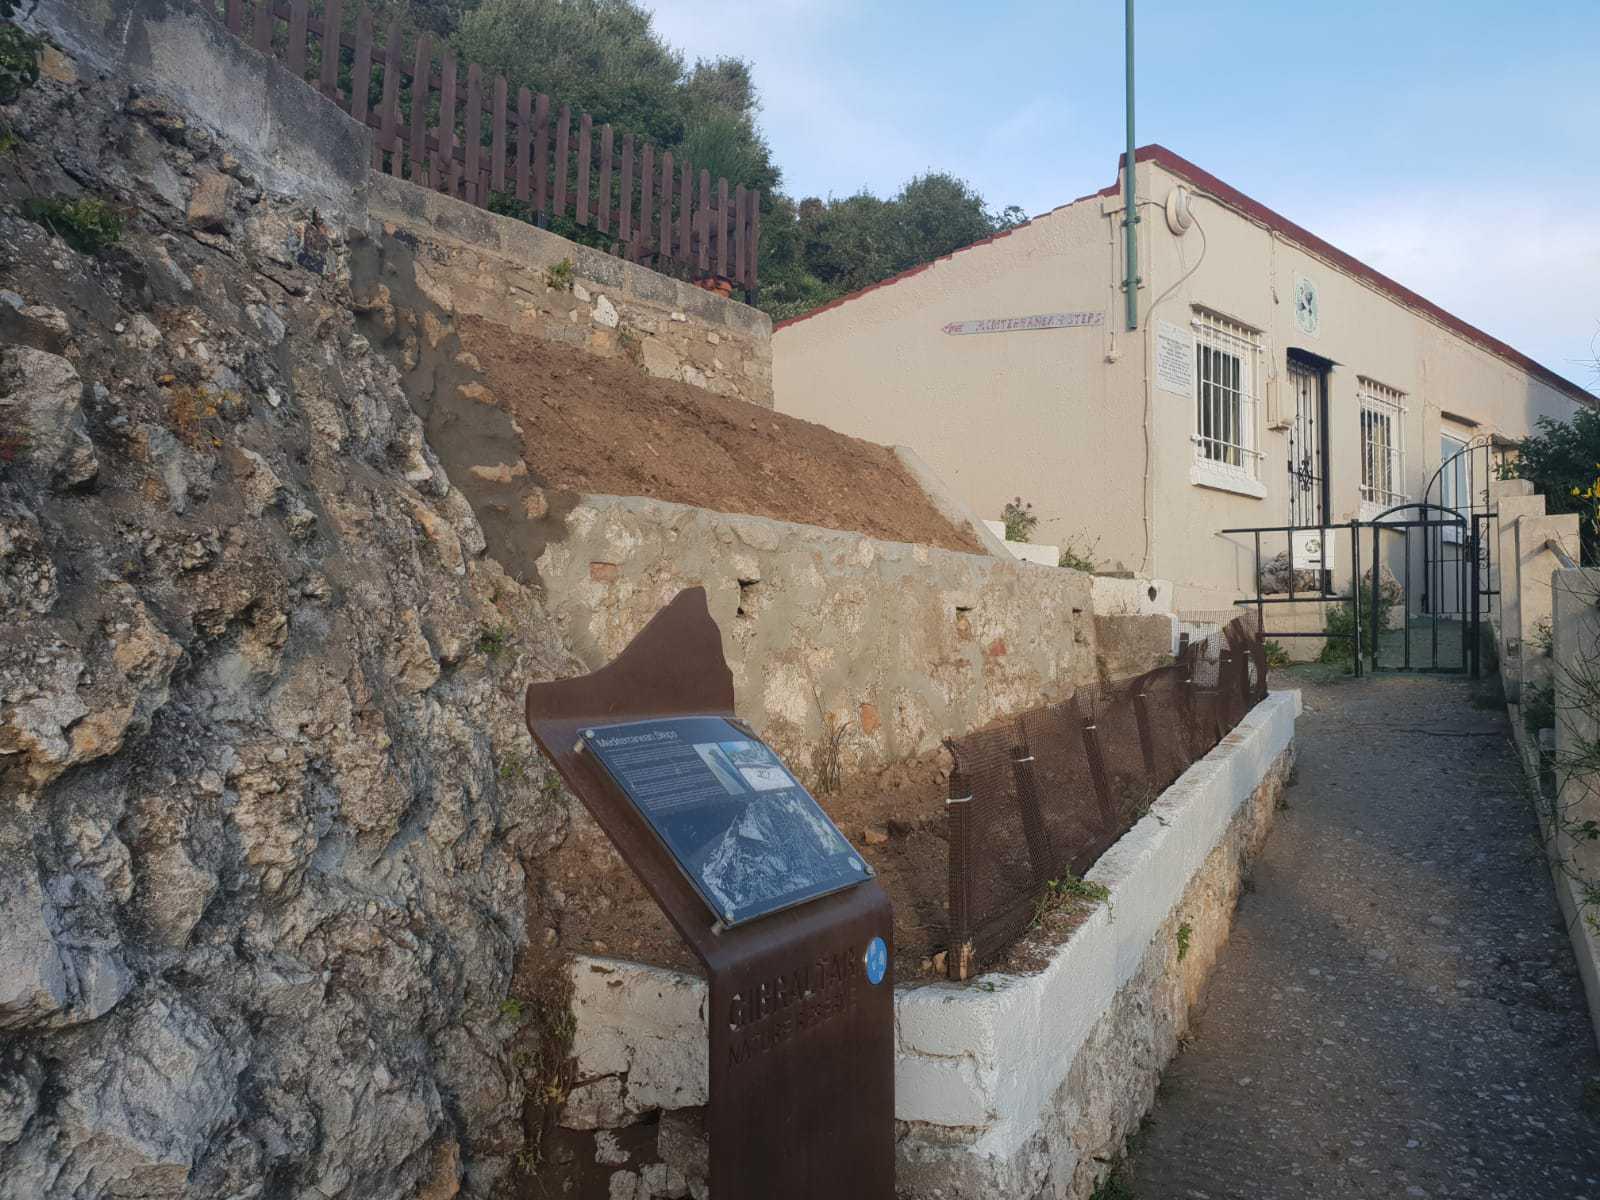 180607 - Gibraltar realiza trabajos en enclaves y en el litoral